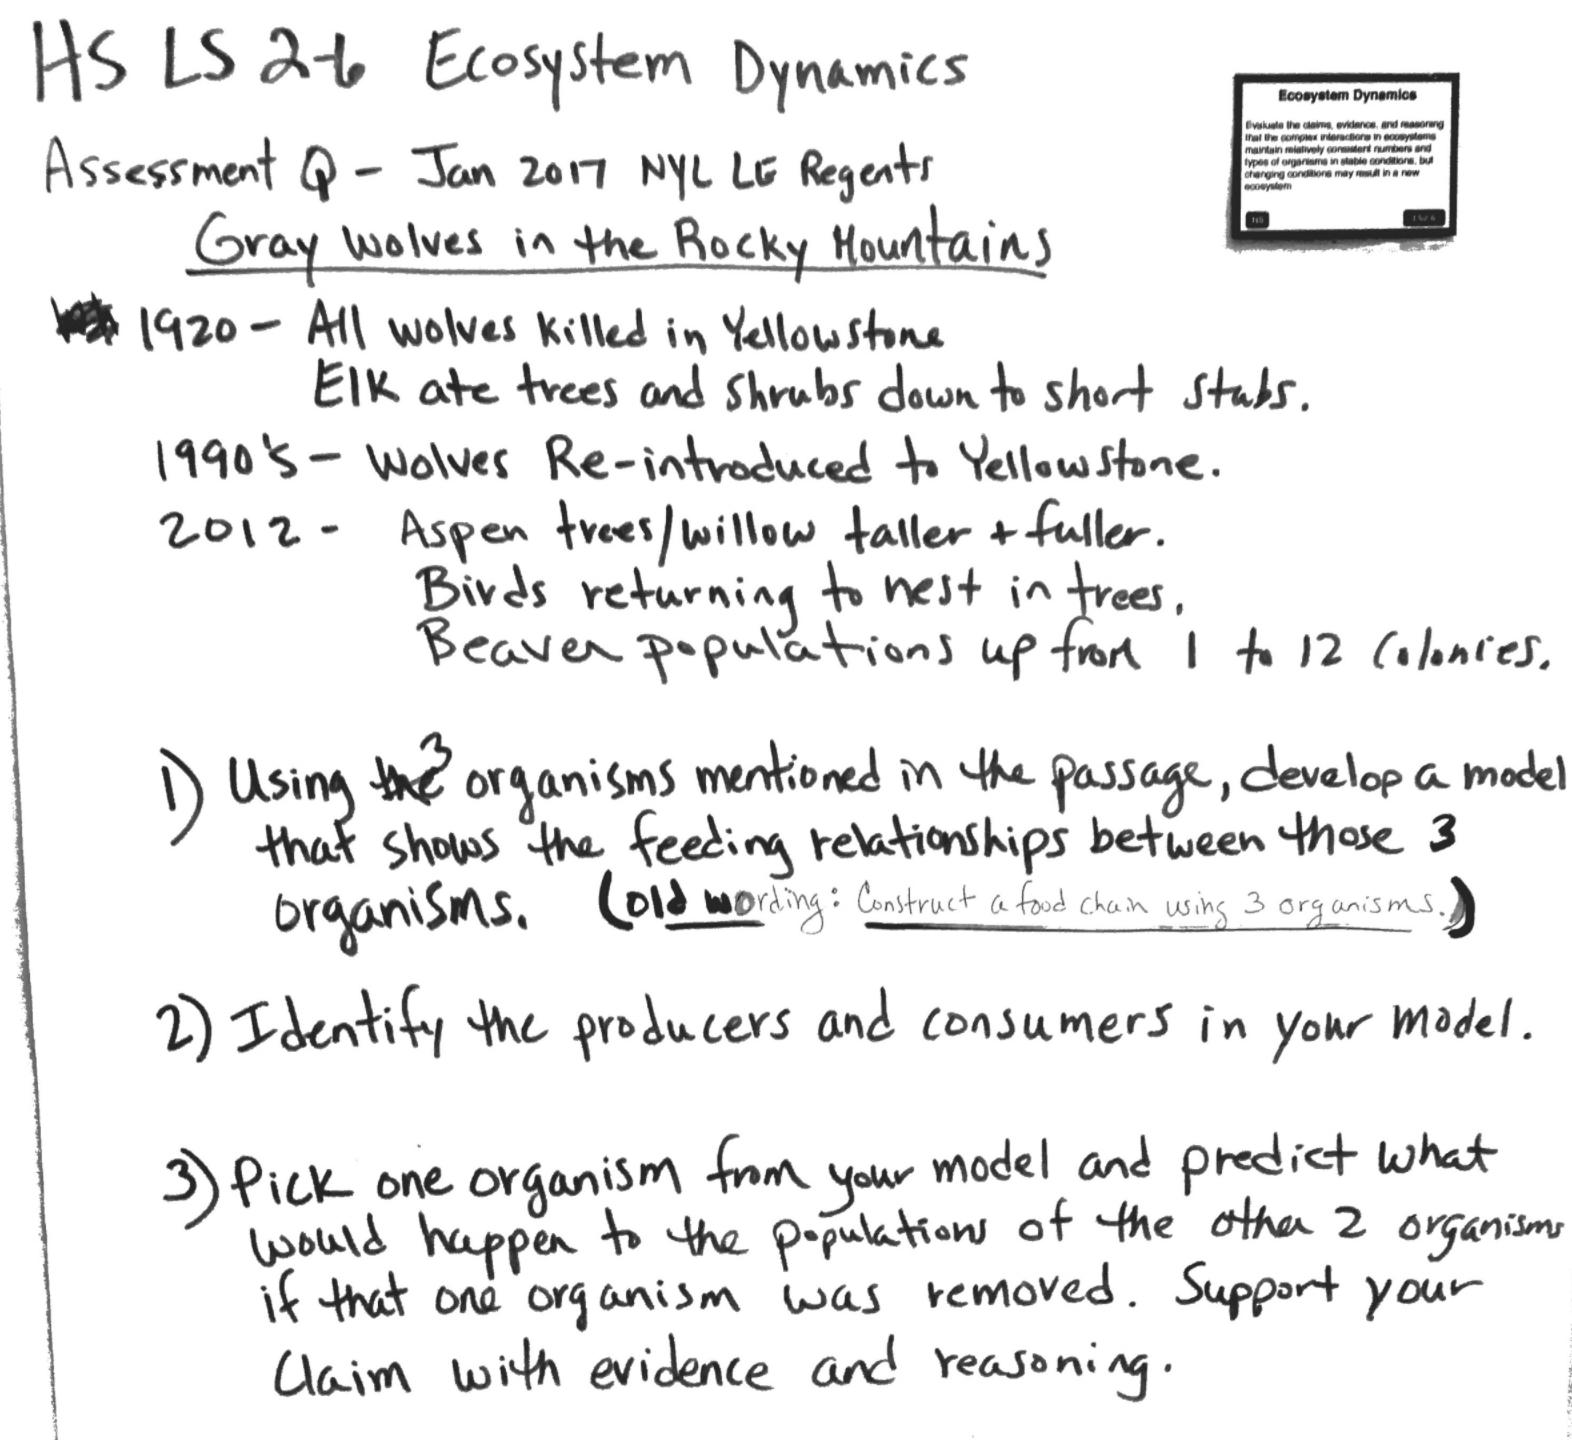 HS-LS2-6d.png